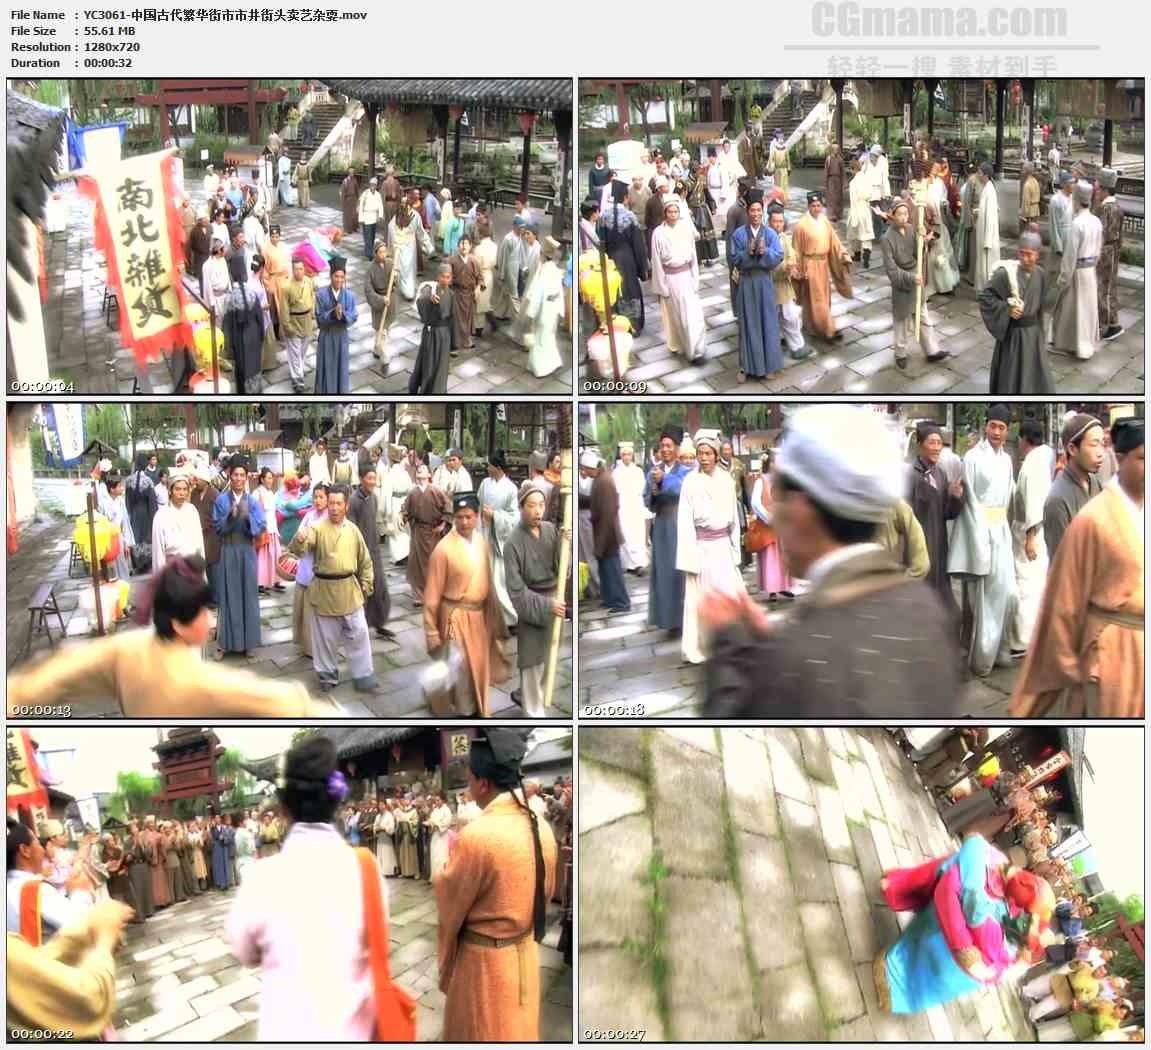 YC3061-中国古代繁华街市市井街头卖艺杂耍高清实拍视频素材